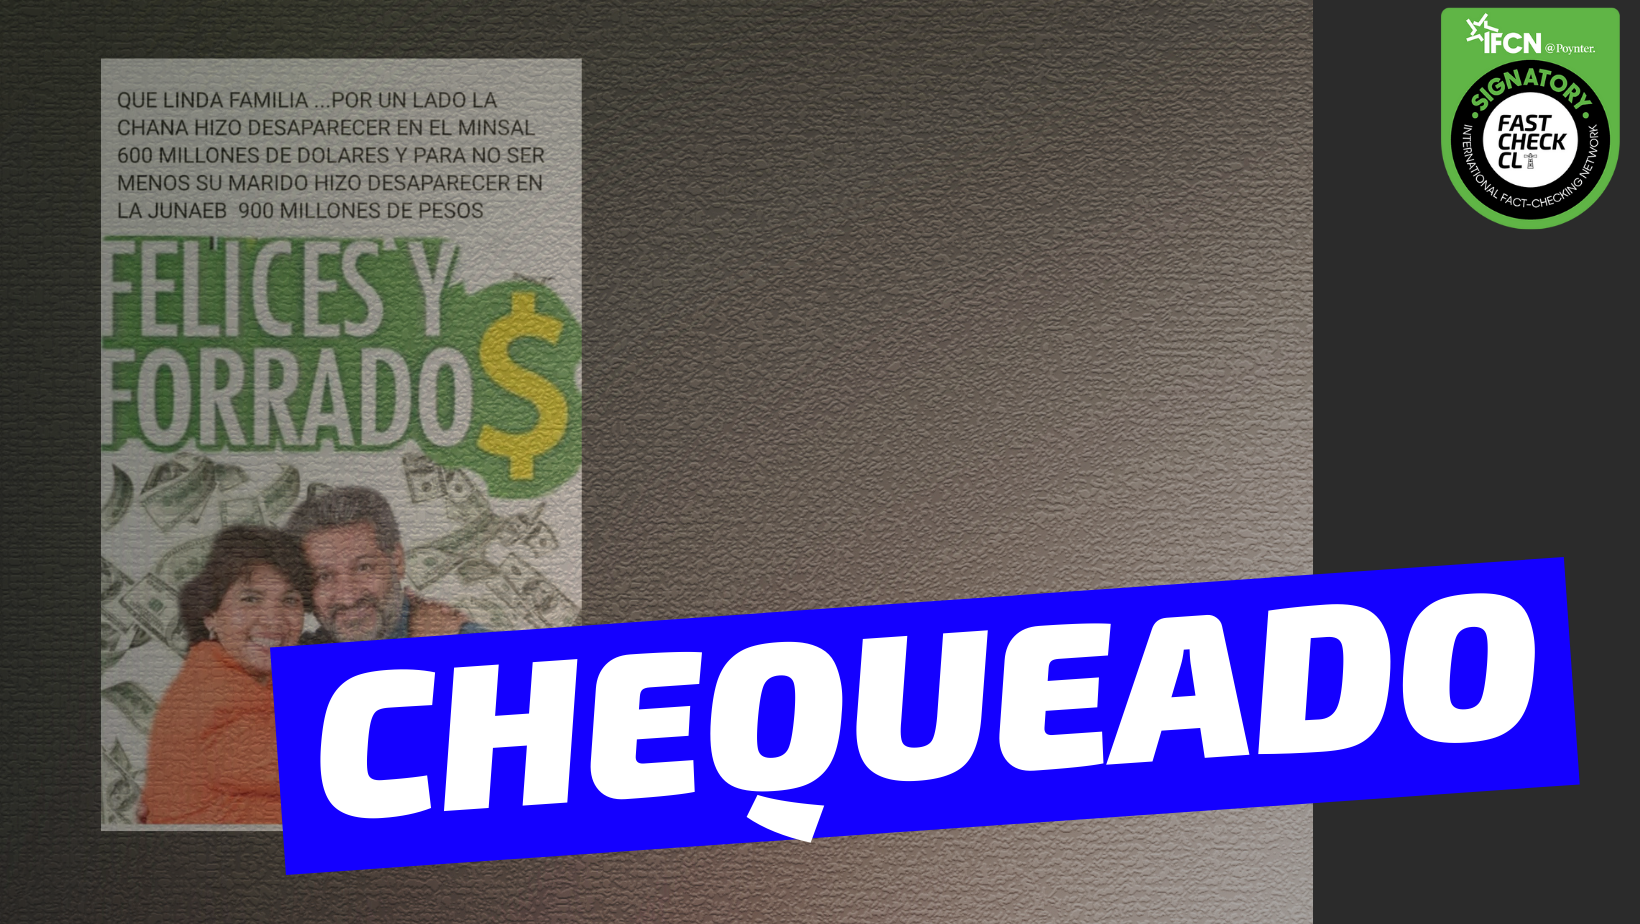 """Read more about the article """"Yasna Provoste hizo desaparecer en el Minsal 600 millones de dólares y para no ser menos, su marido hizo desaparecer en la Junaeb 900 millones de pesos"""": #Chequeado"""